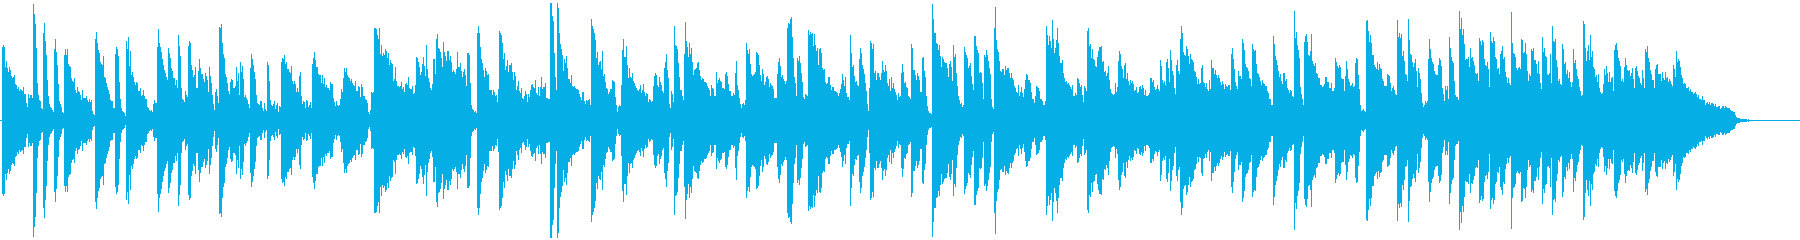 ピアノとオルガンのほっこりブルースの再生済みの波形